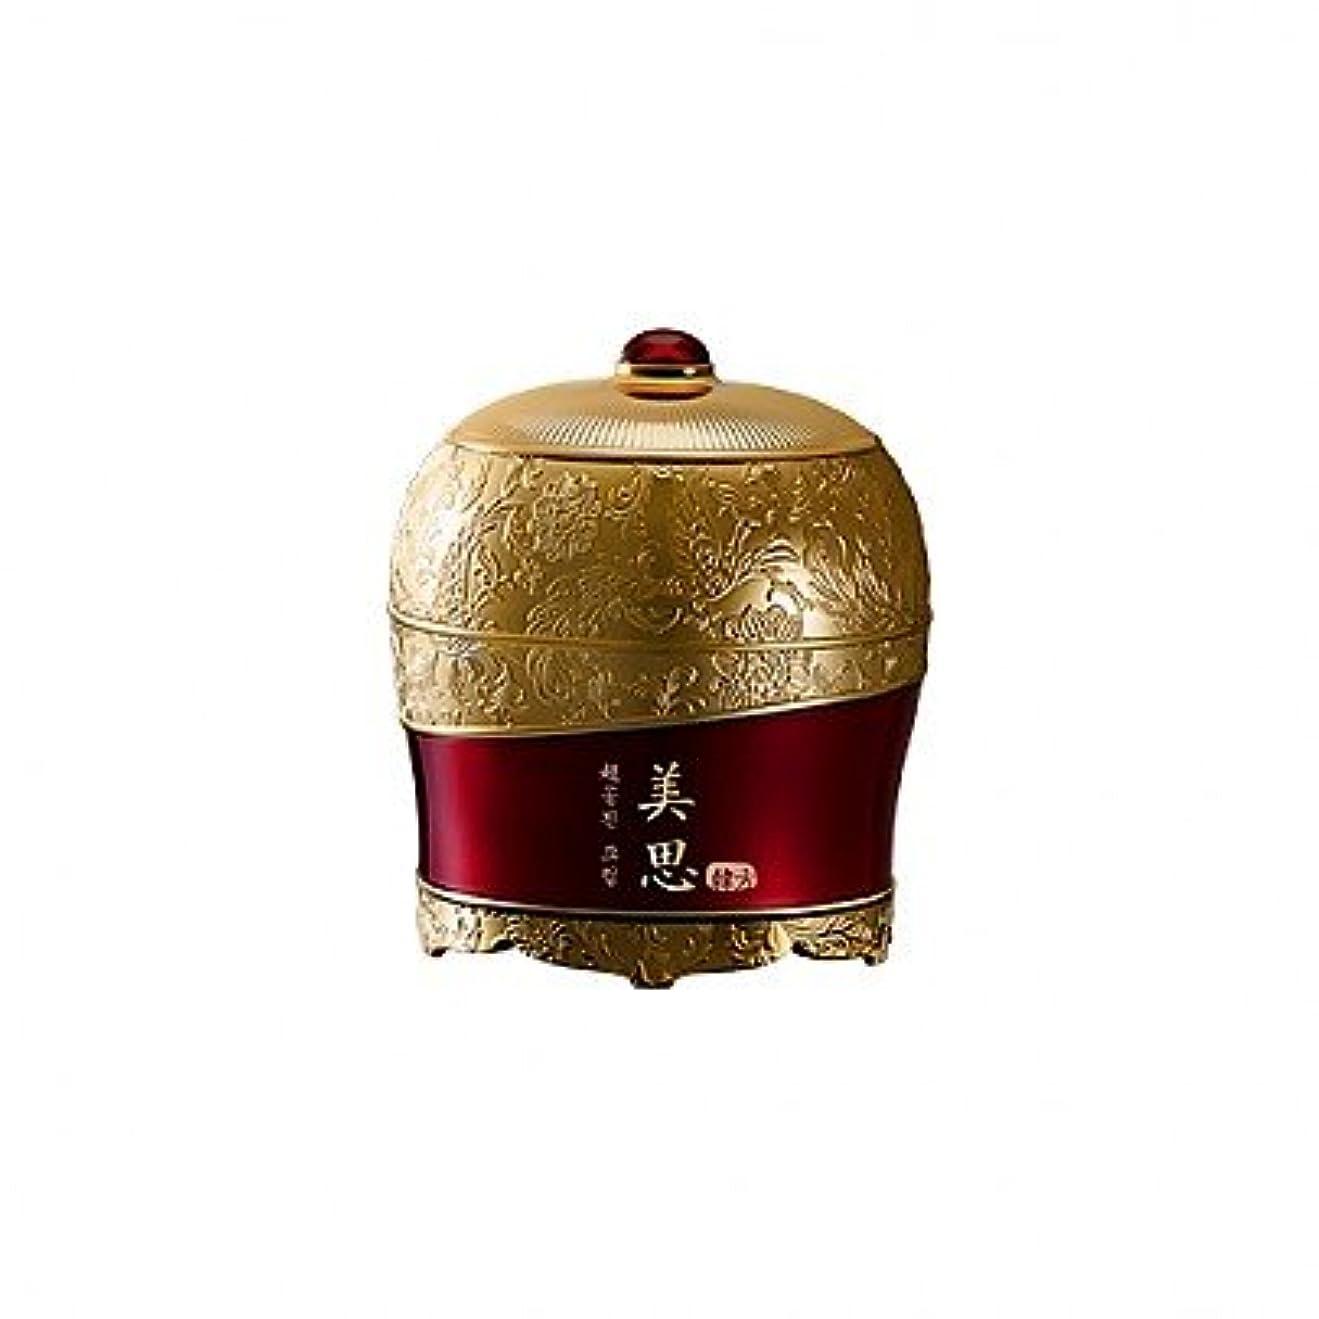 ピジン慰め数字MISSHA/ミシャ チョゴンジン クリーム (旧チョボヤン) 60ml[海外直送品]